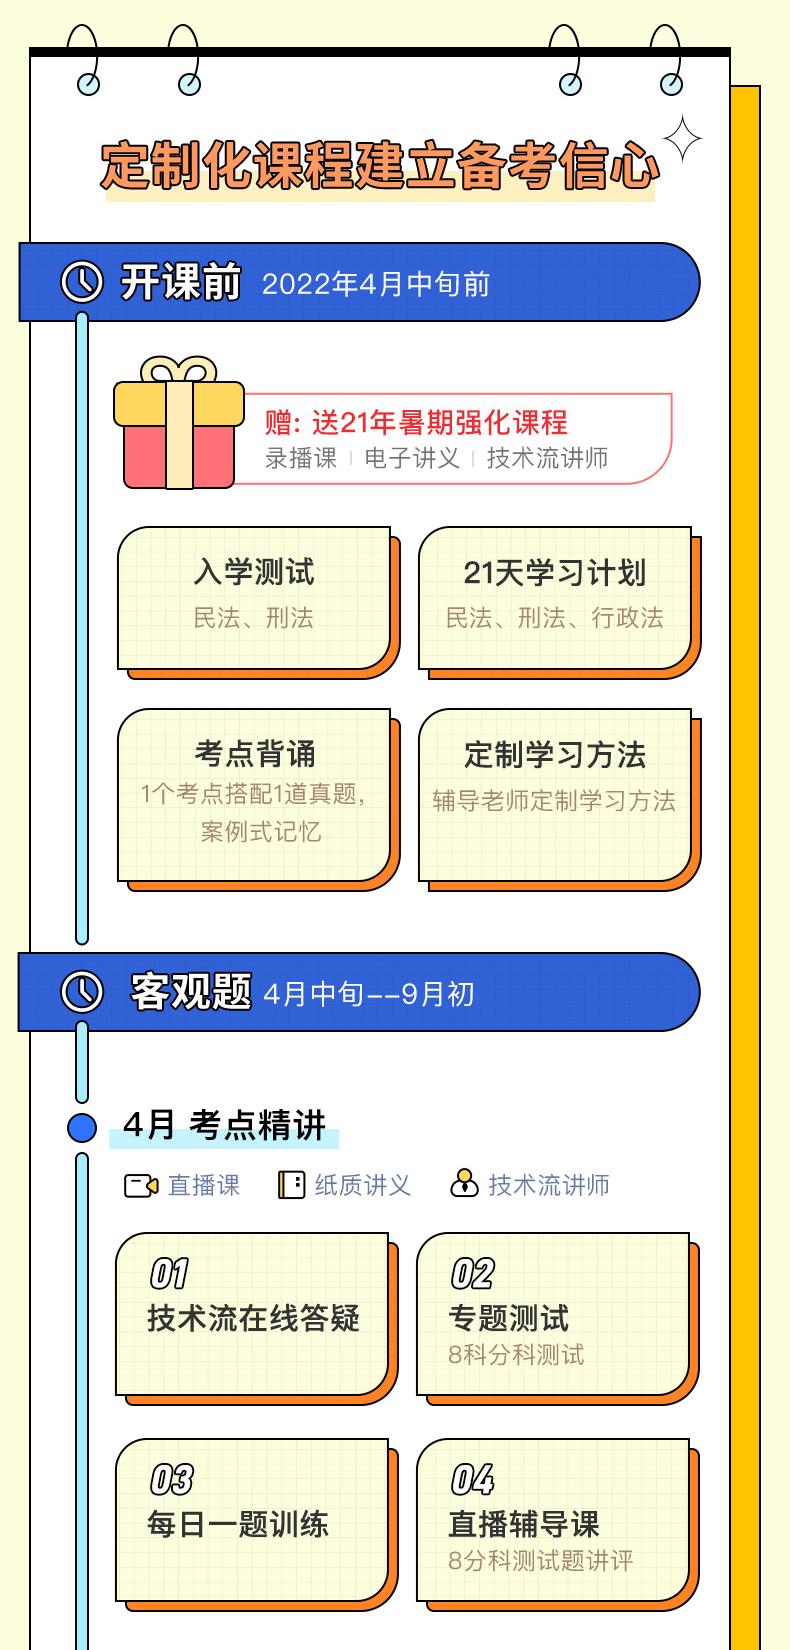 法考旗舰全程VIP班.jpg_parker_04.jpg